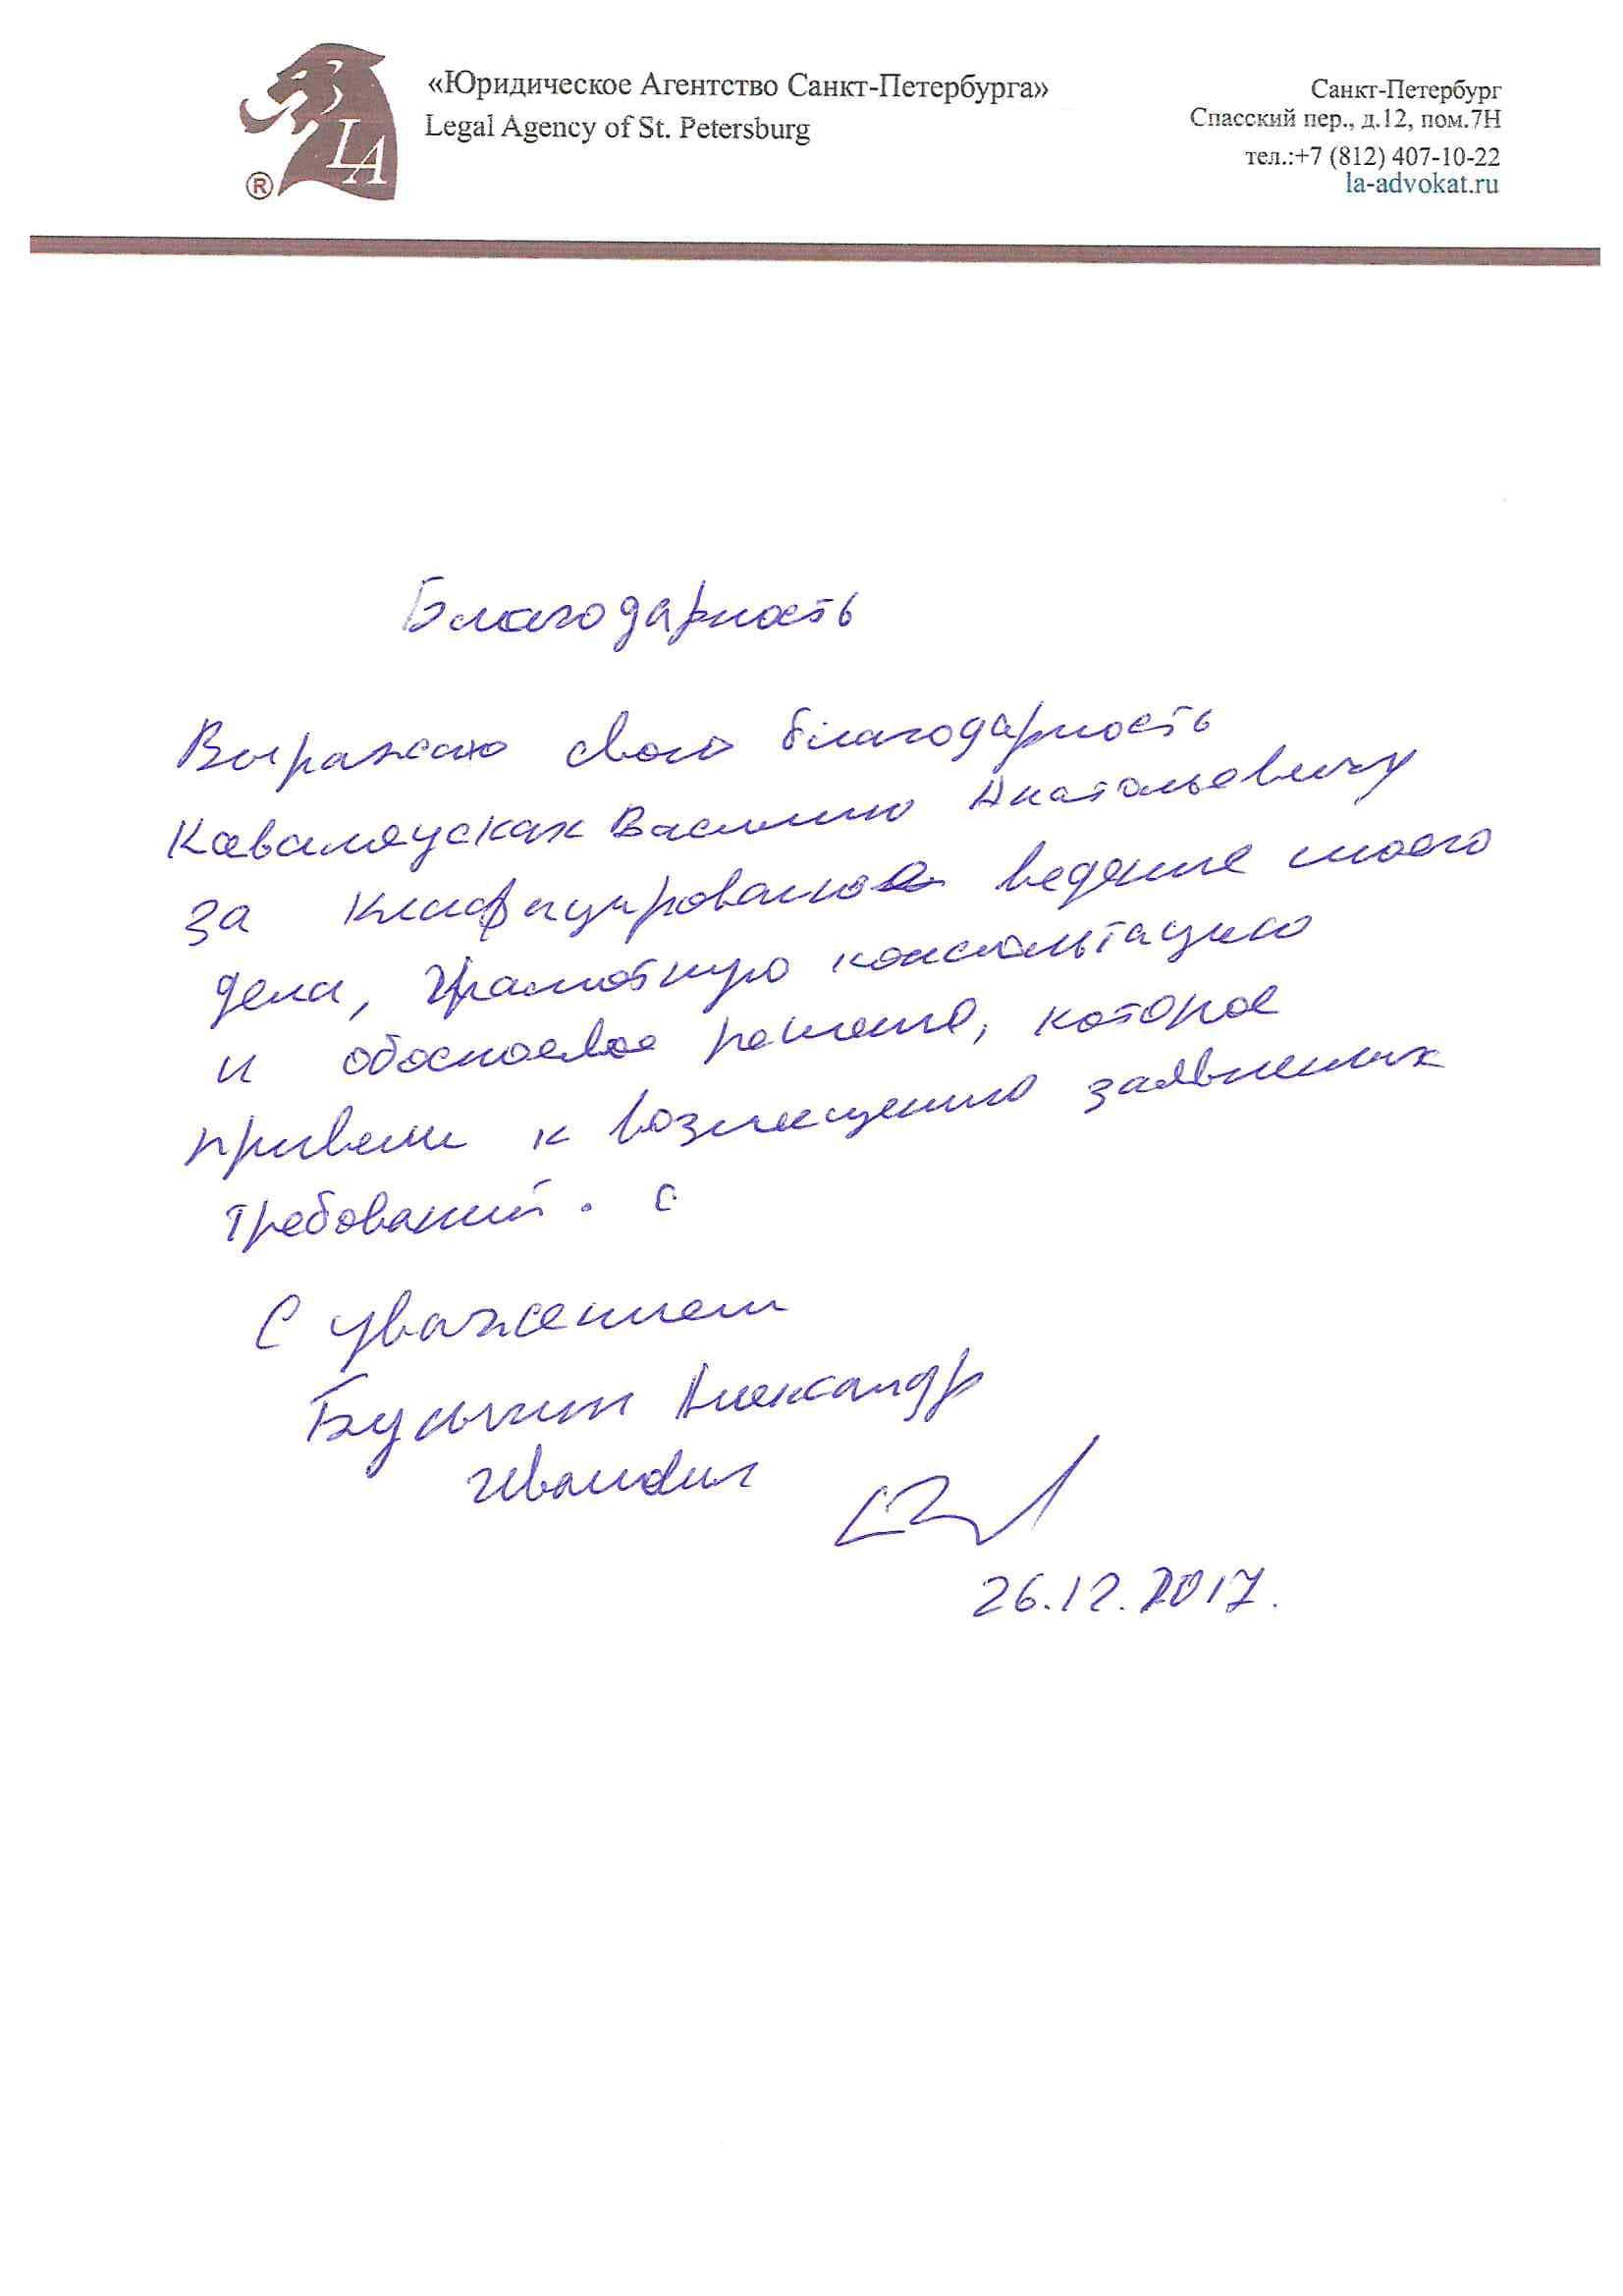 юридическая консультация г петербурга